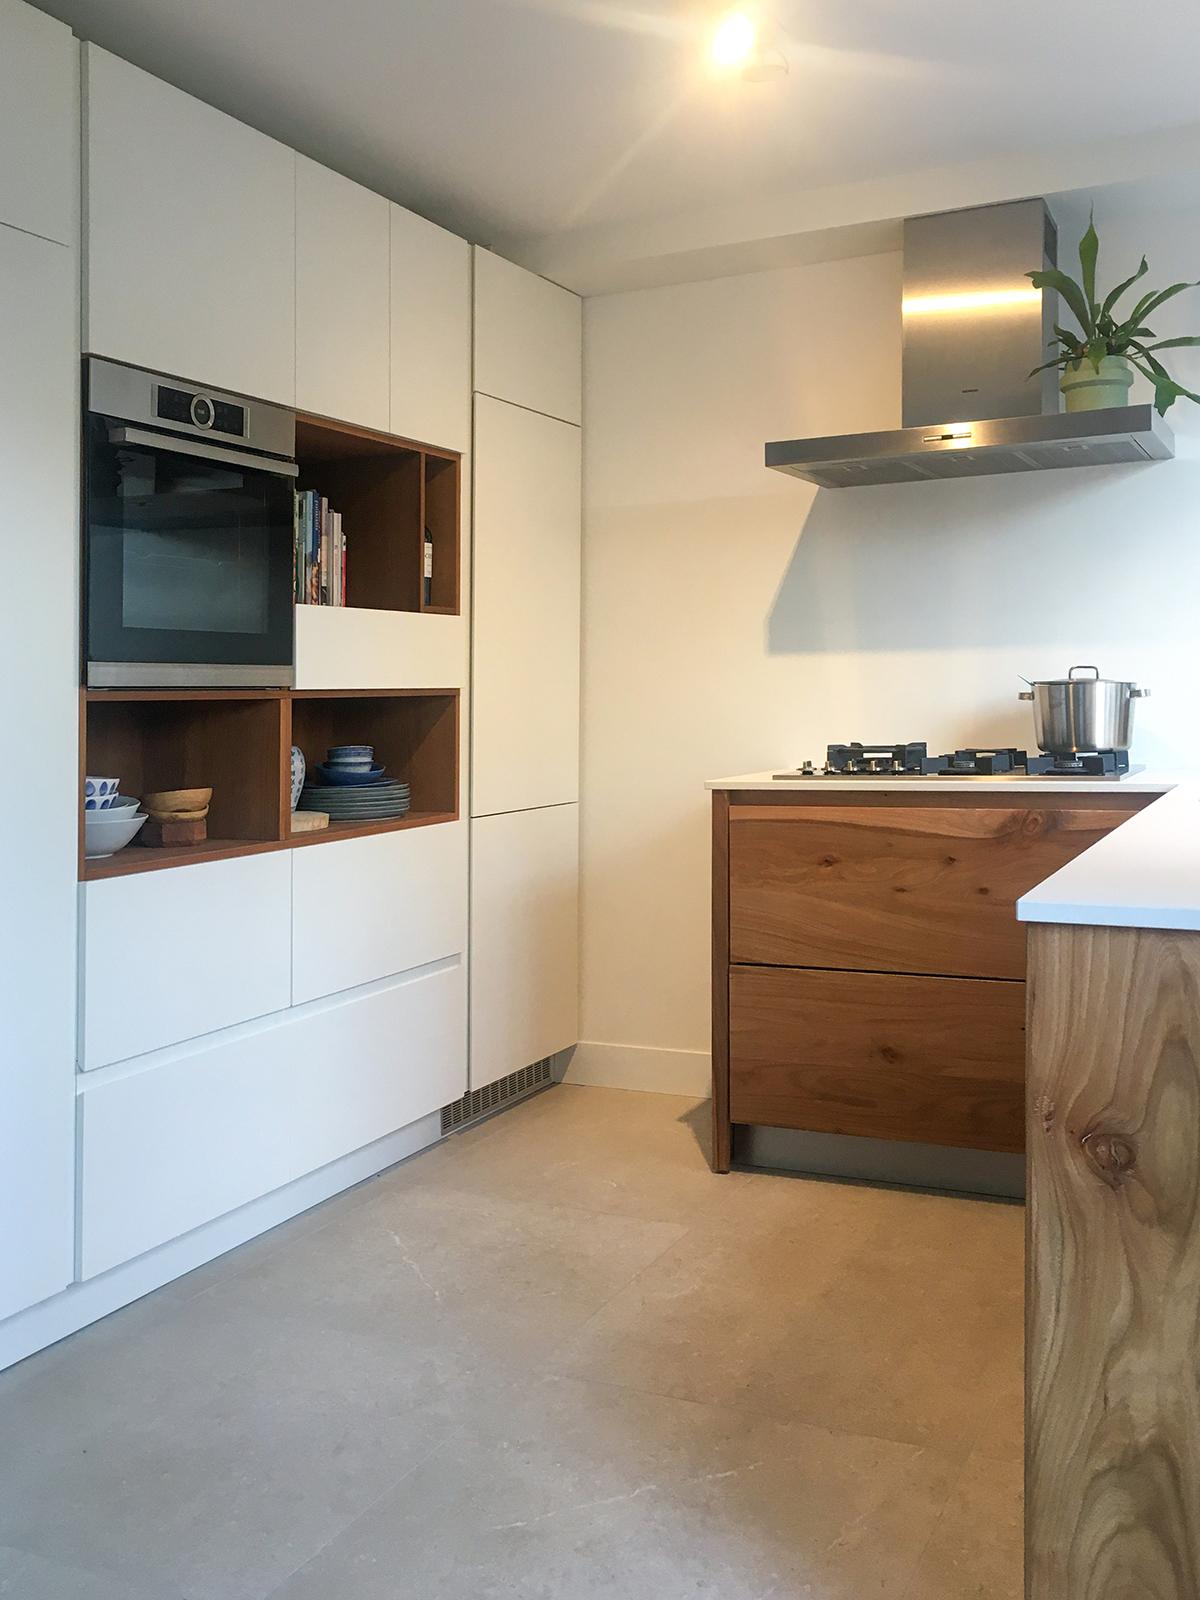 Iepen keuken met dekton blad